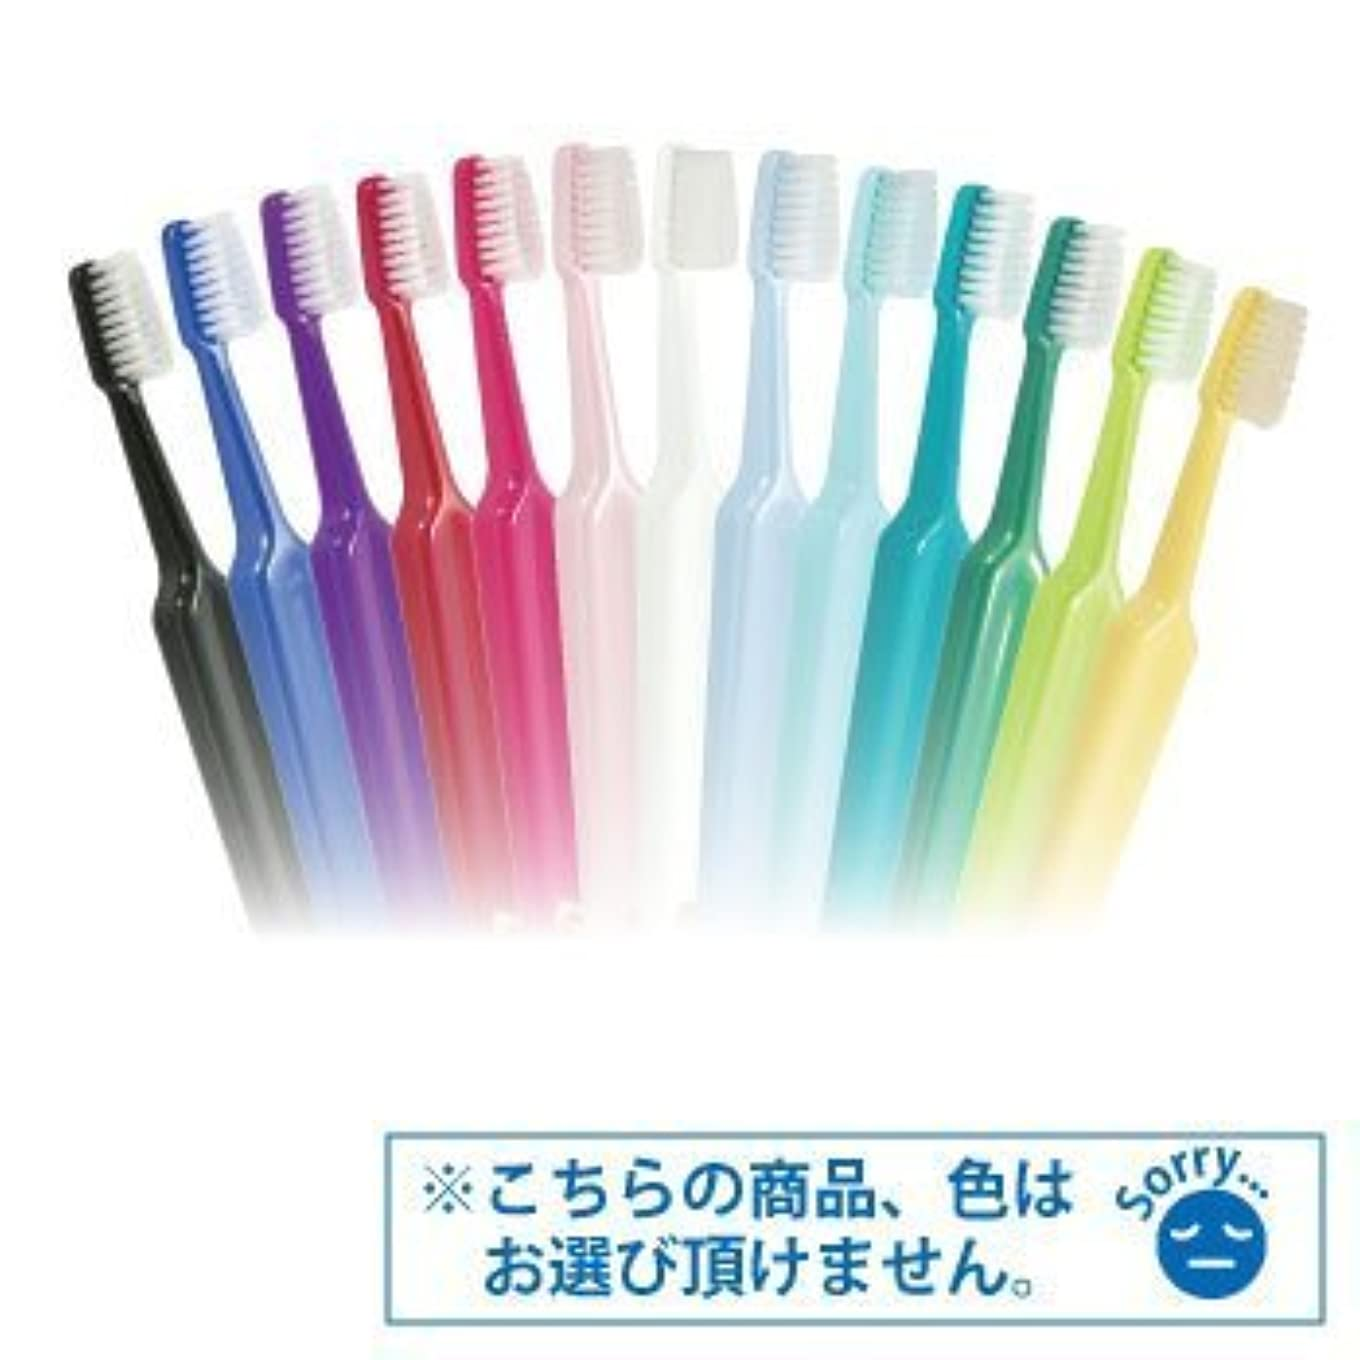 オアシス電気ジョージハンブリーTepe歯ブラシ セレクトコンパクト /ソフト 10本入り